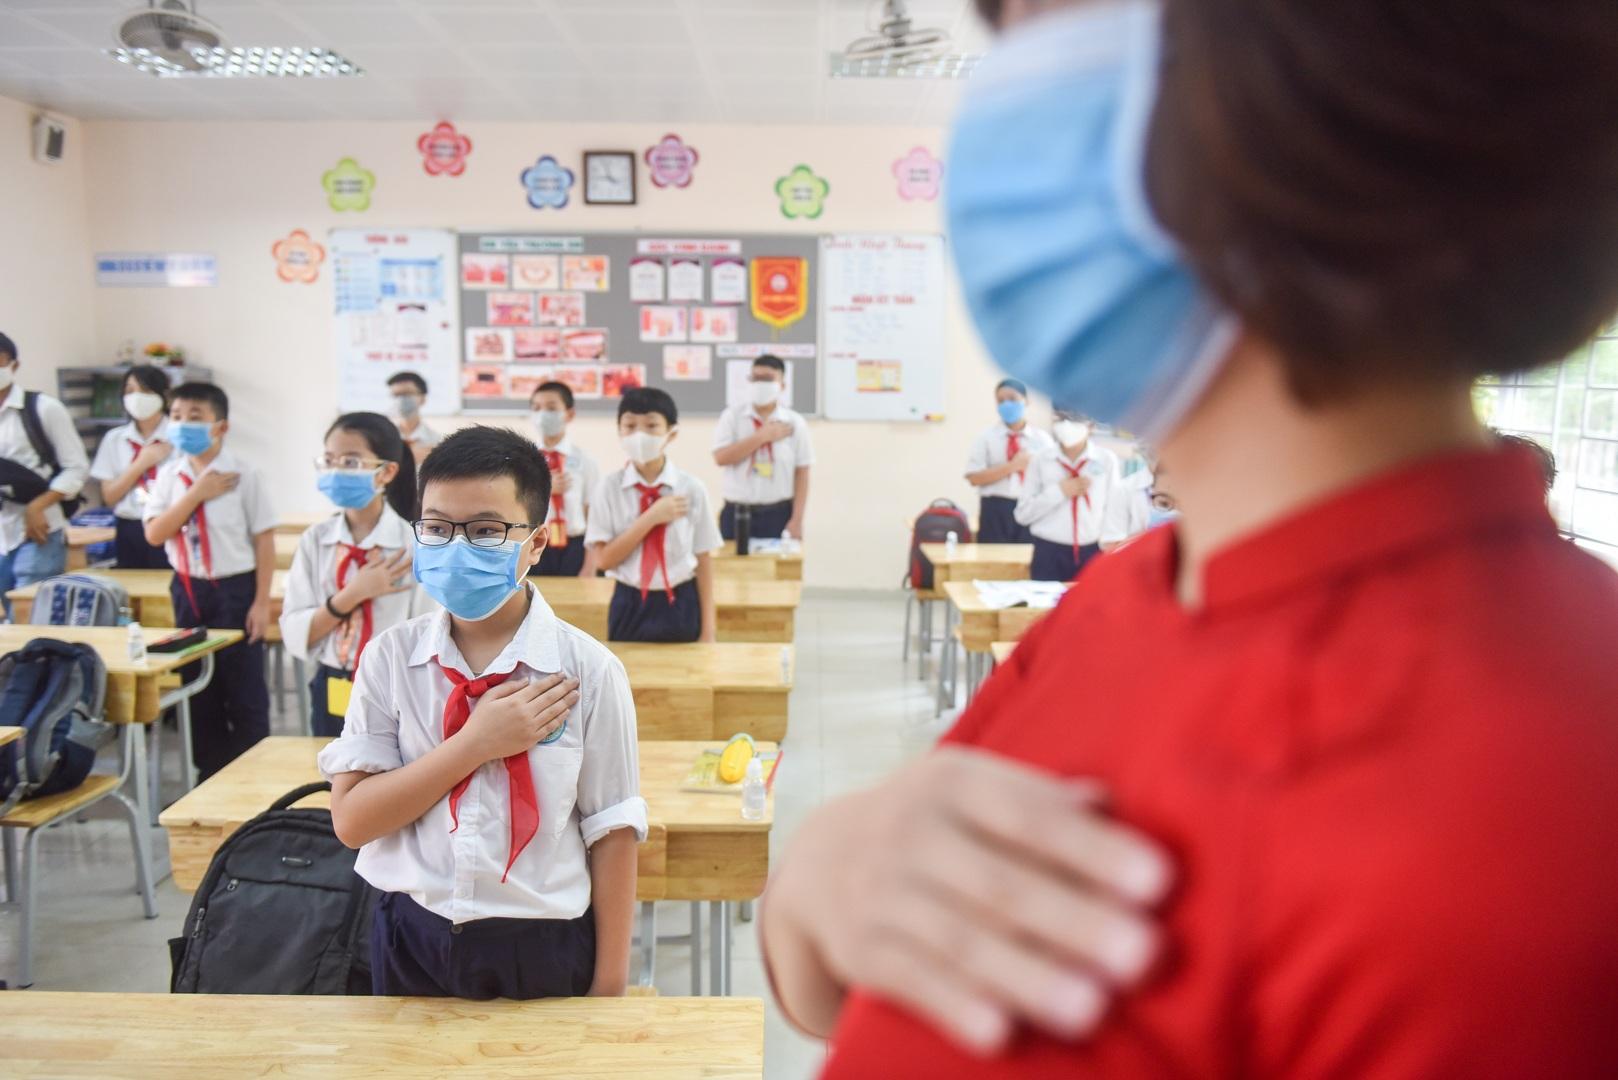 Tiết học đầu tiên giàu cảm xúc của học sinh Hà Nội sau 3 tháng nghỉ dịch - 10